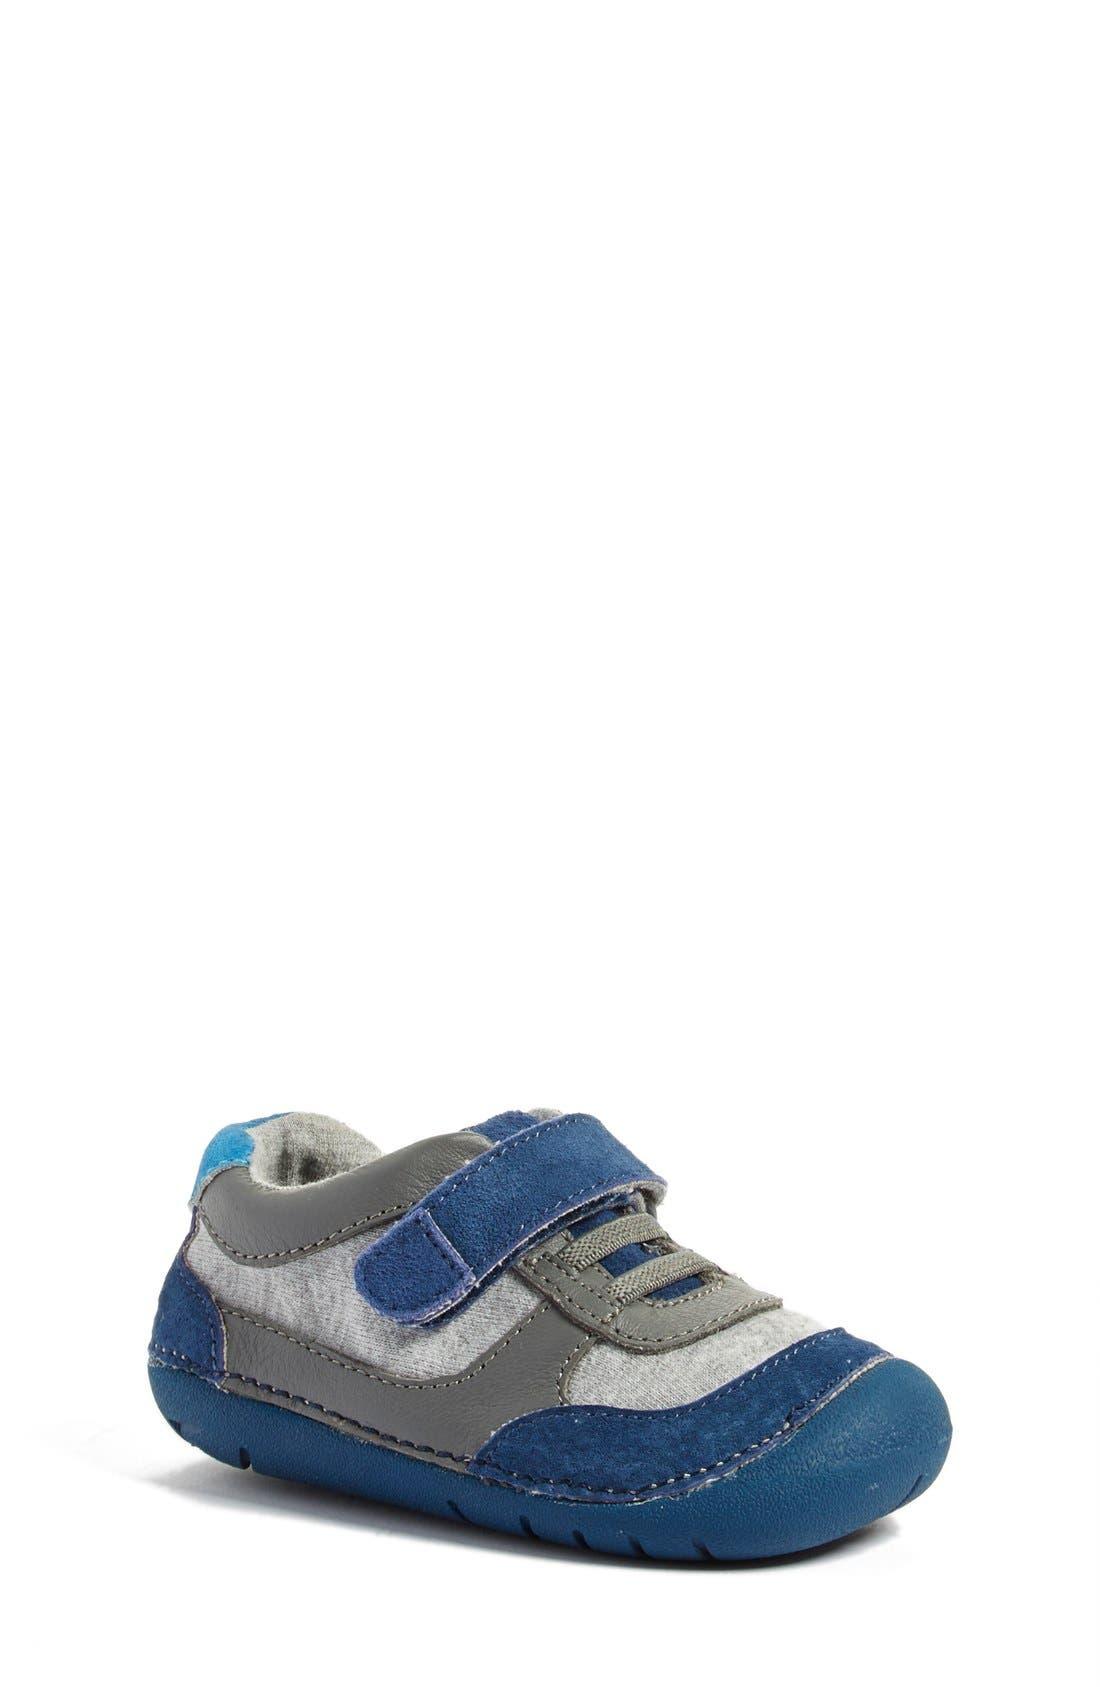 TUCKER + TATE 'Quinn' Sneaker